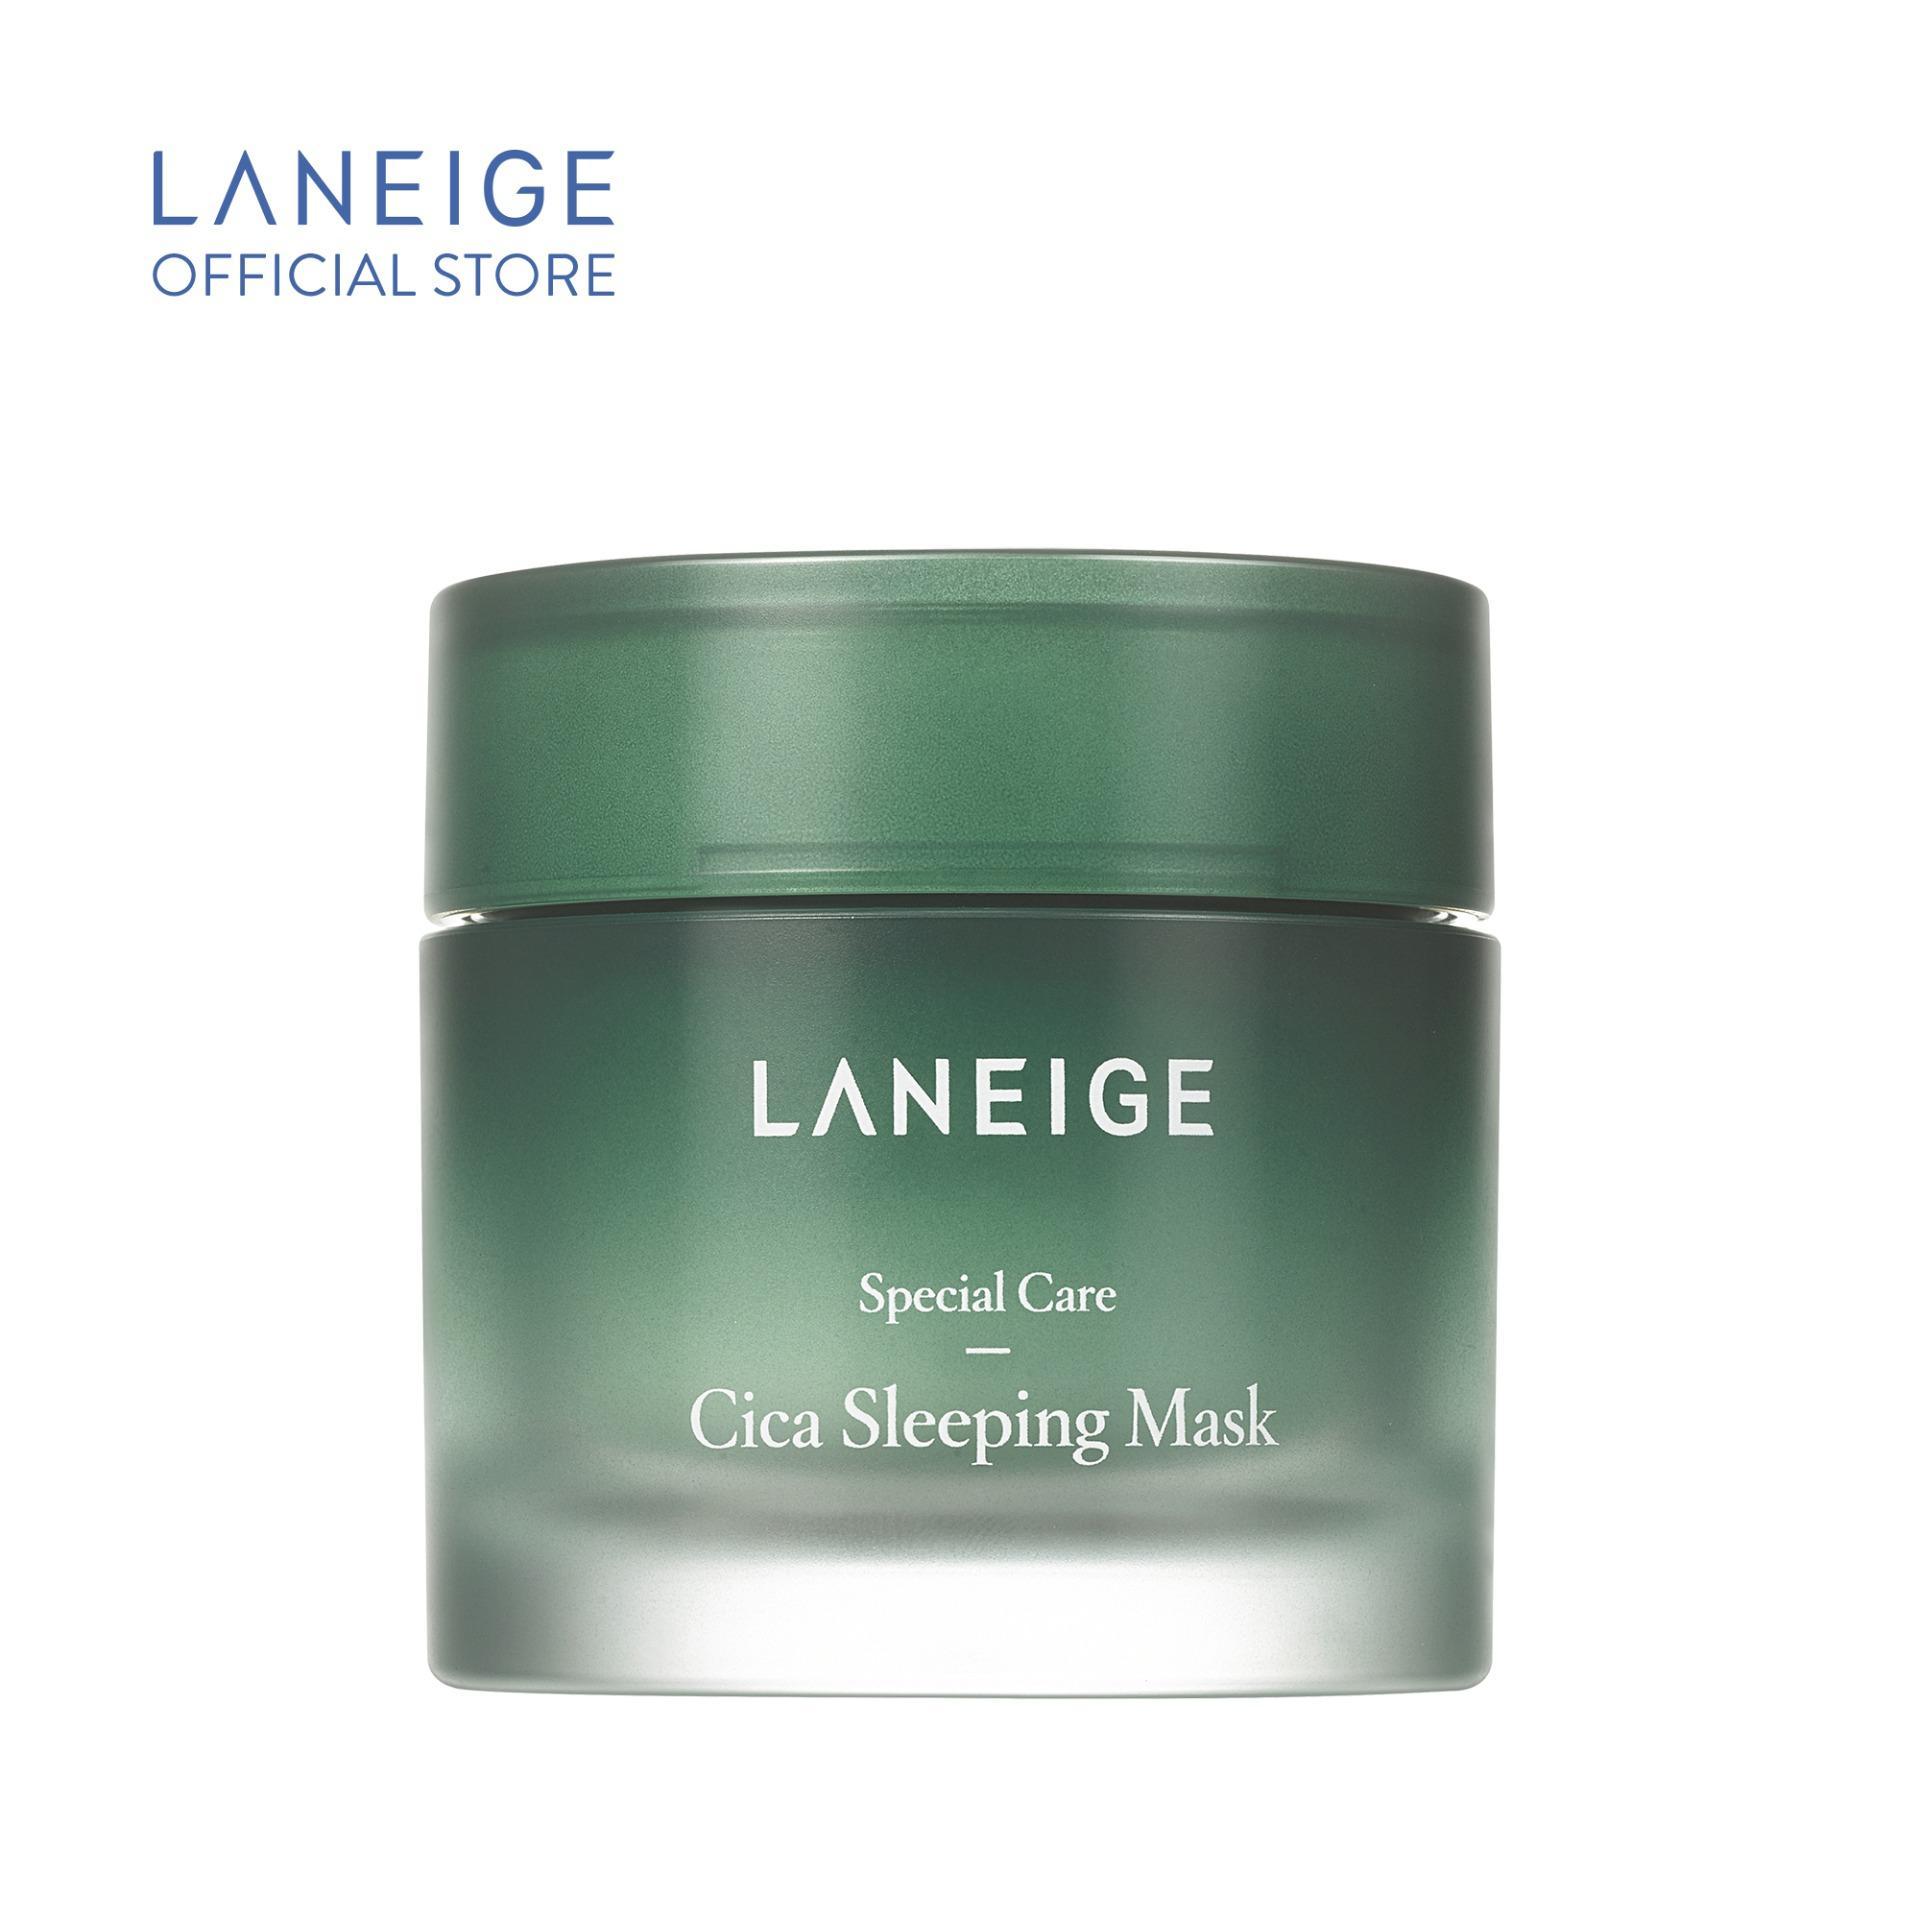 [Mới] Mặt nạ ngủ giúp phục hồi và tăng cường hàng rào bảo vệ da Laneige Cica Sleeping Mask 60ml nhập khẩu